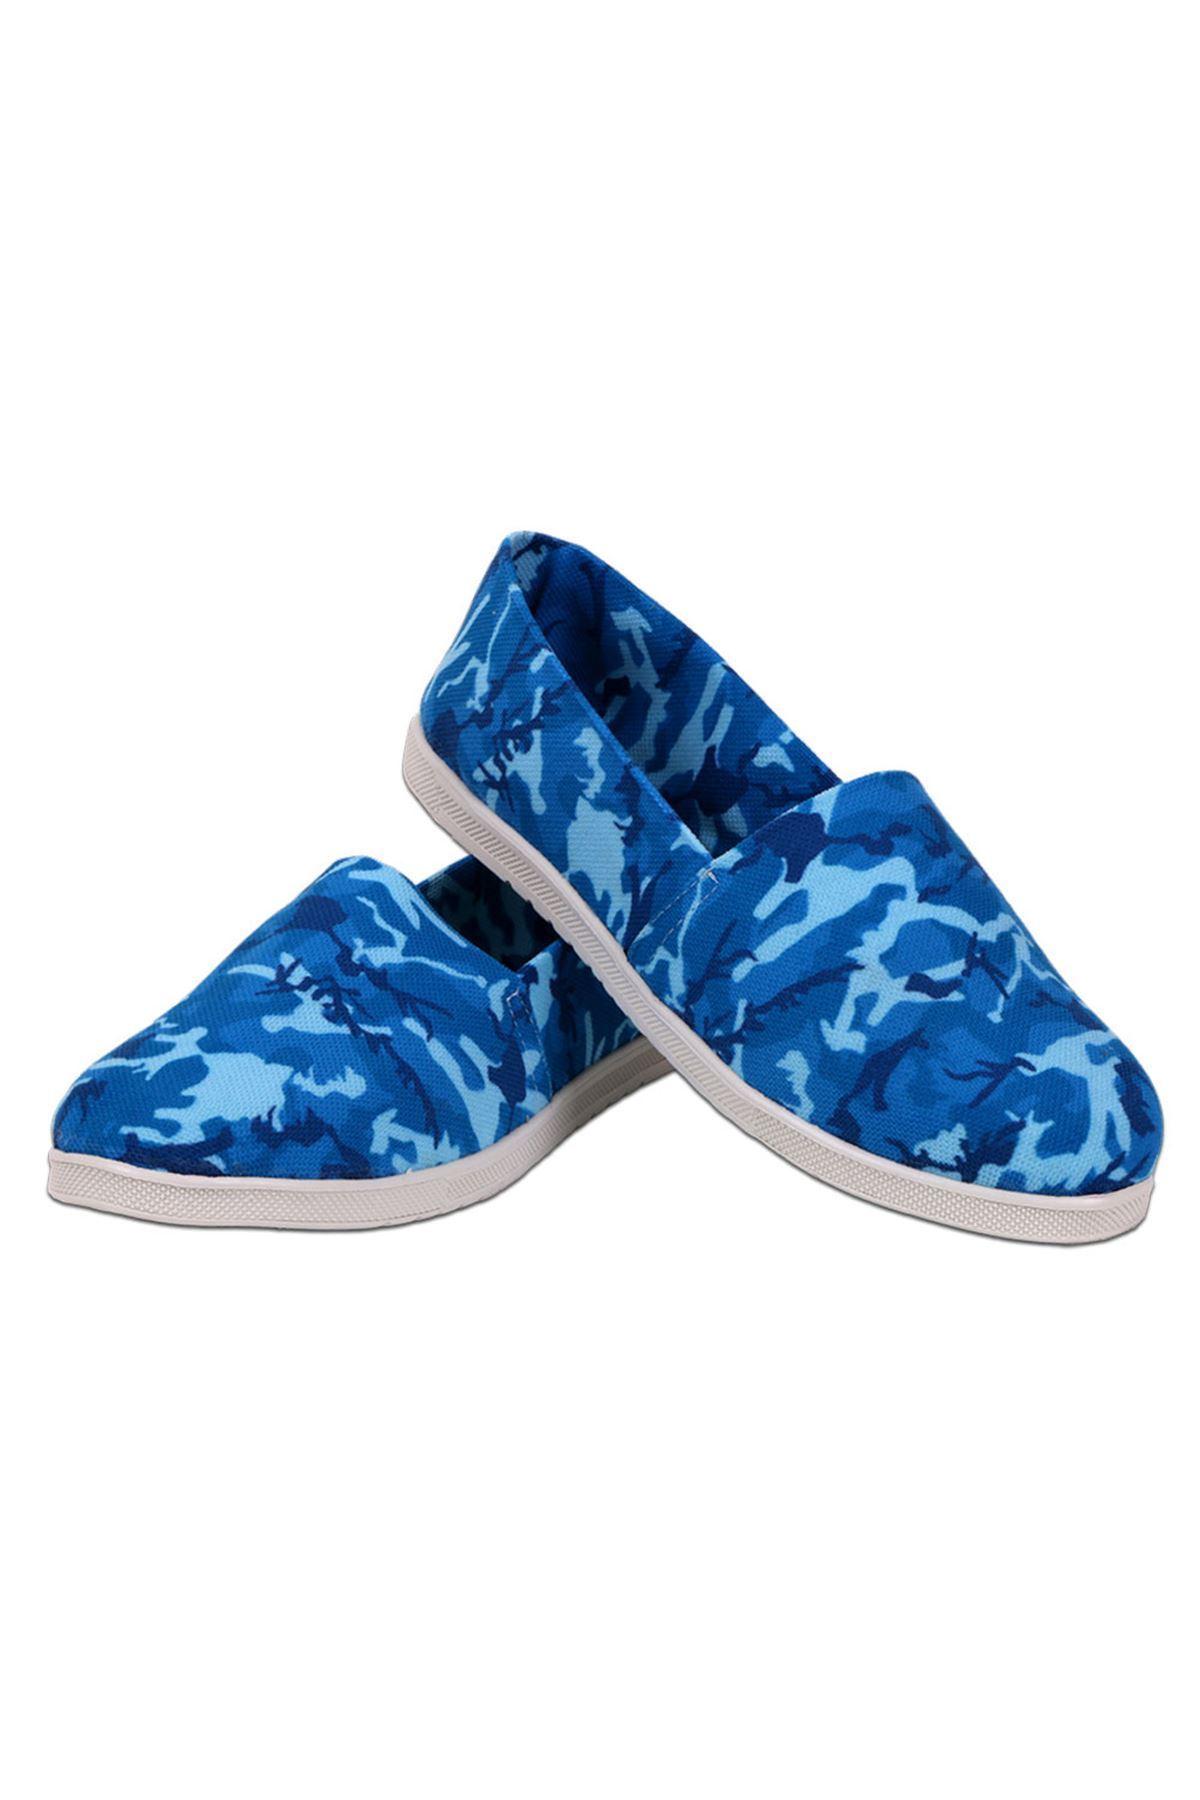 Mavi Kamuflaj Desenli Espadril Ayakkabı